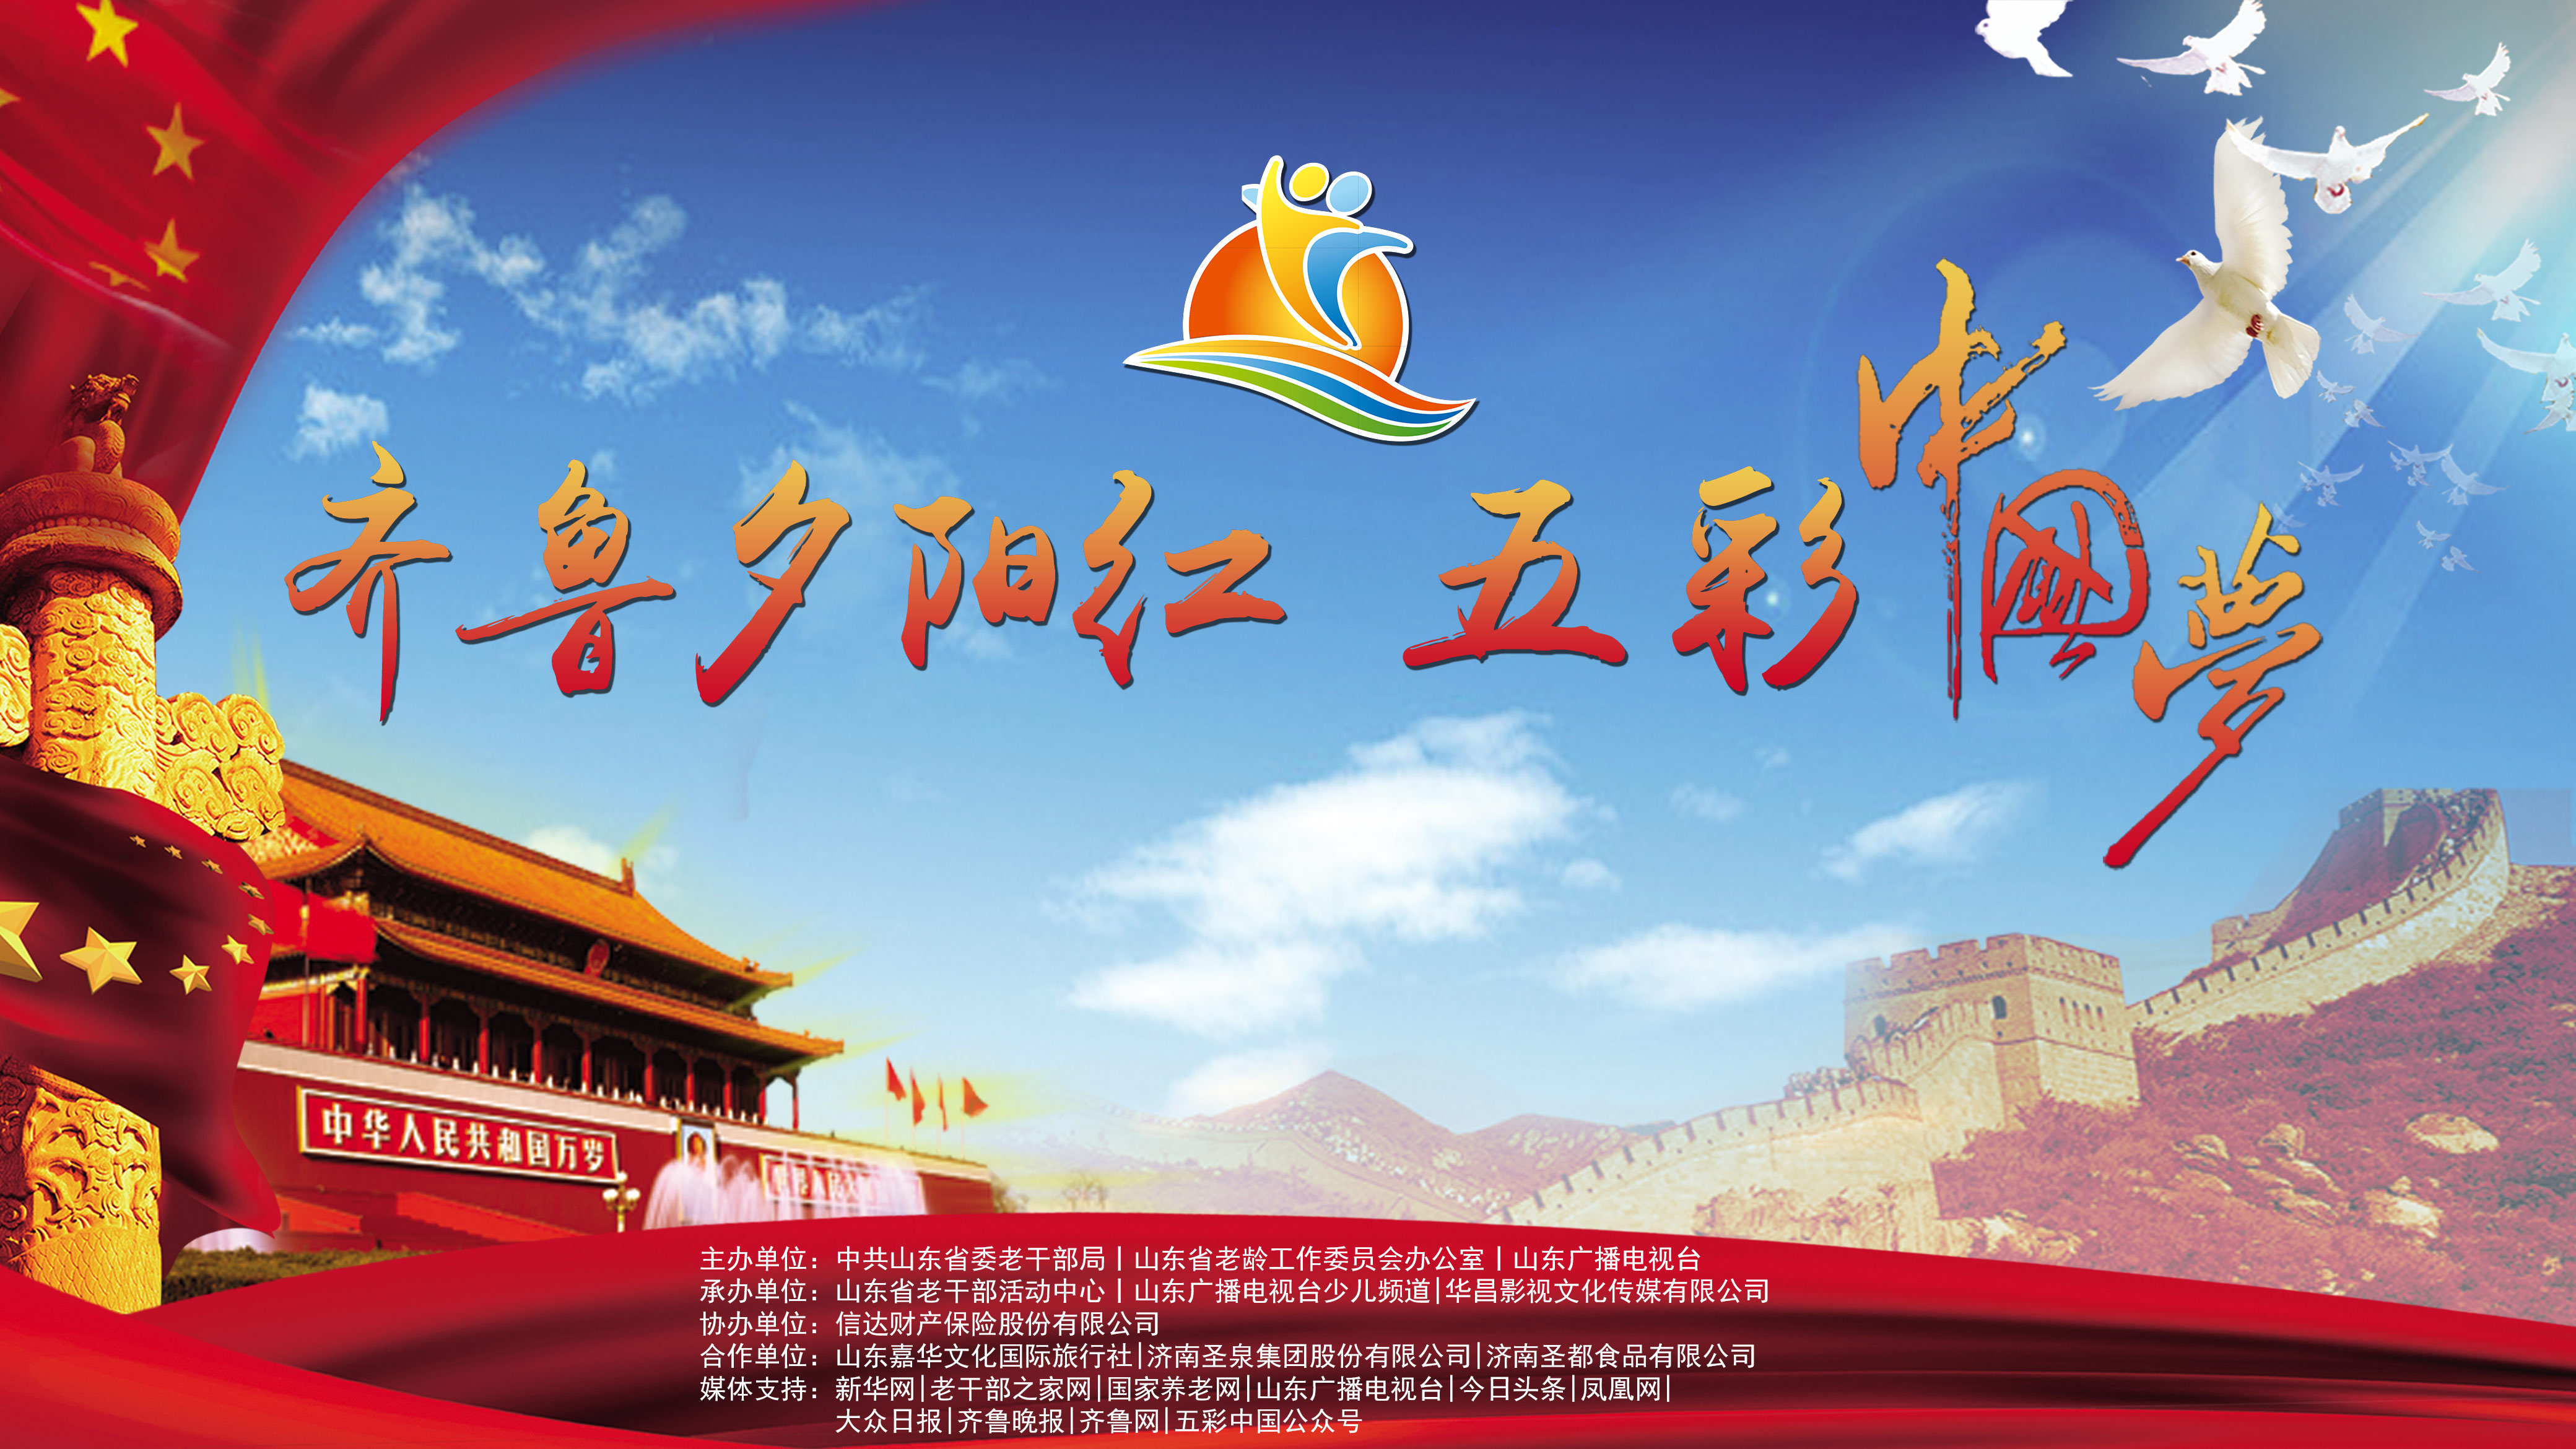 《齐鲁夕阳红 五彩中国梦》启动仪式